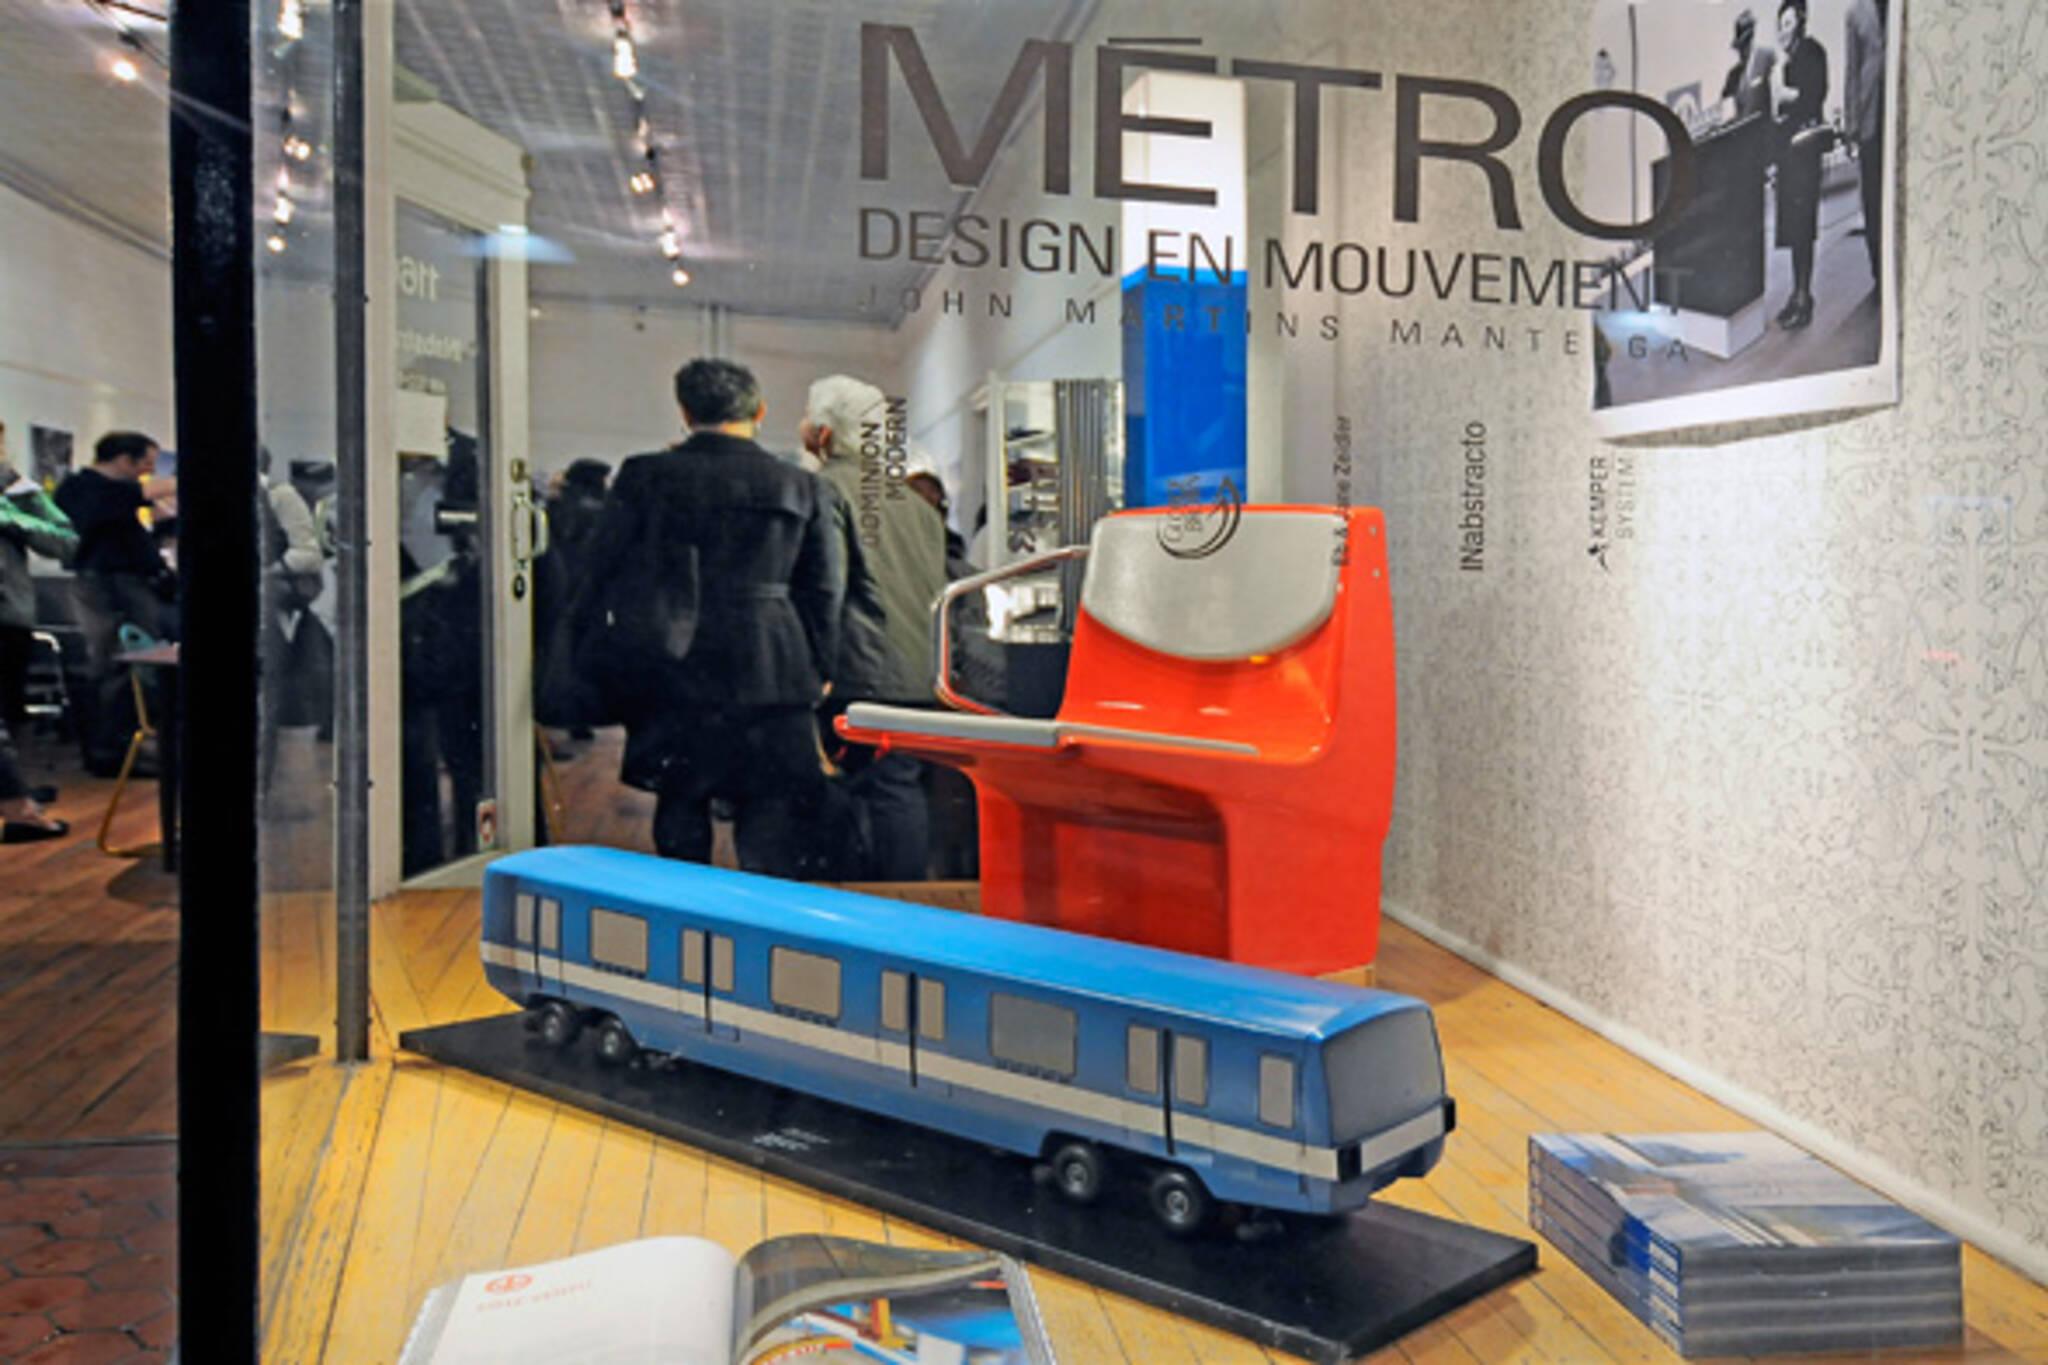 Metro Subway Design Book